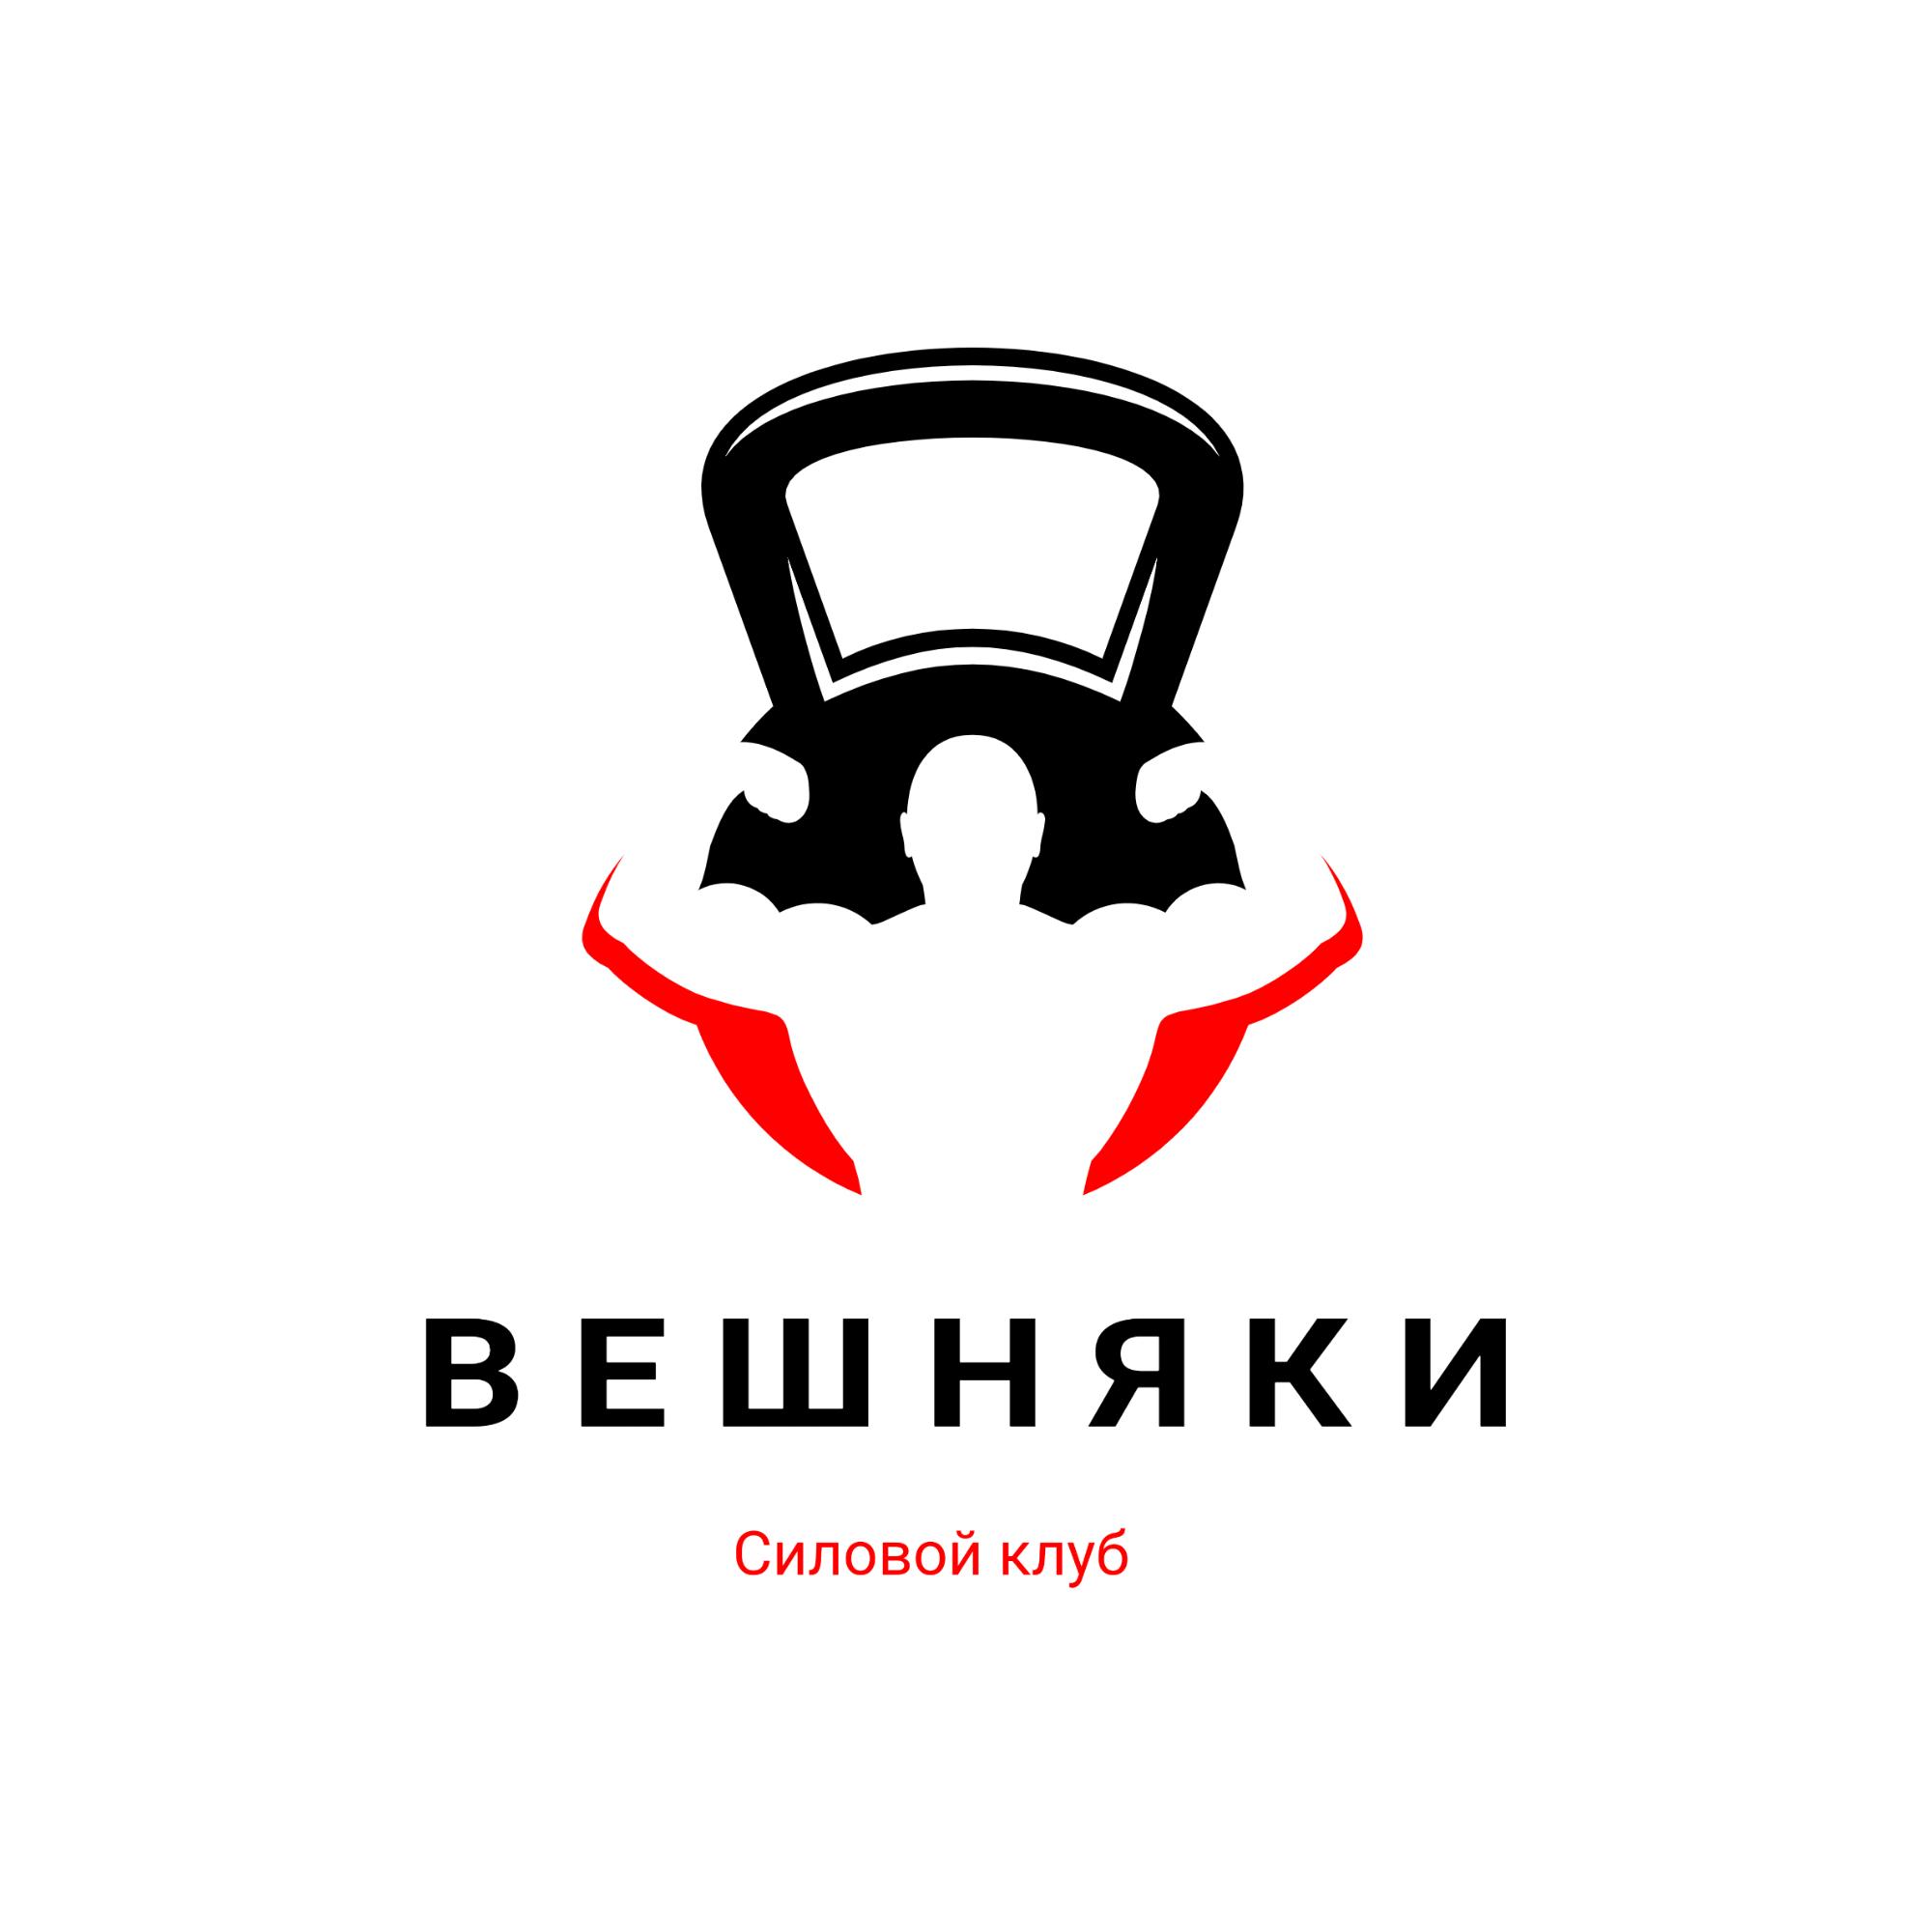 Адаптация (разработка) логотипа Силового клуба ВЕШНЯКИ в инт фото f_3575fb99944a8461.jpg